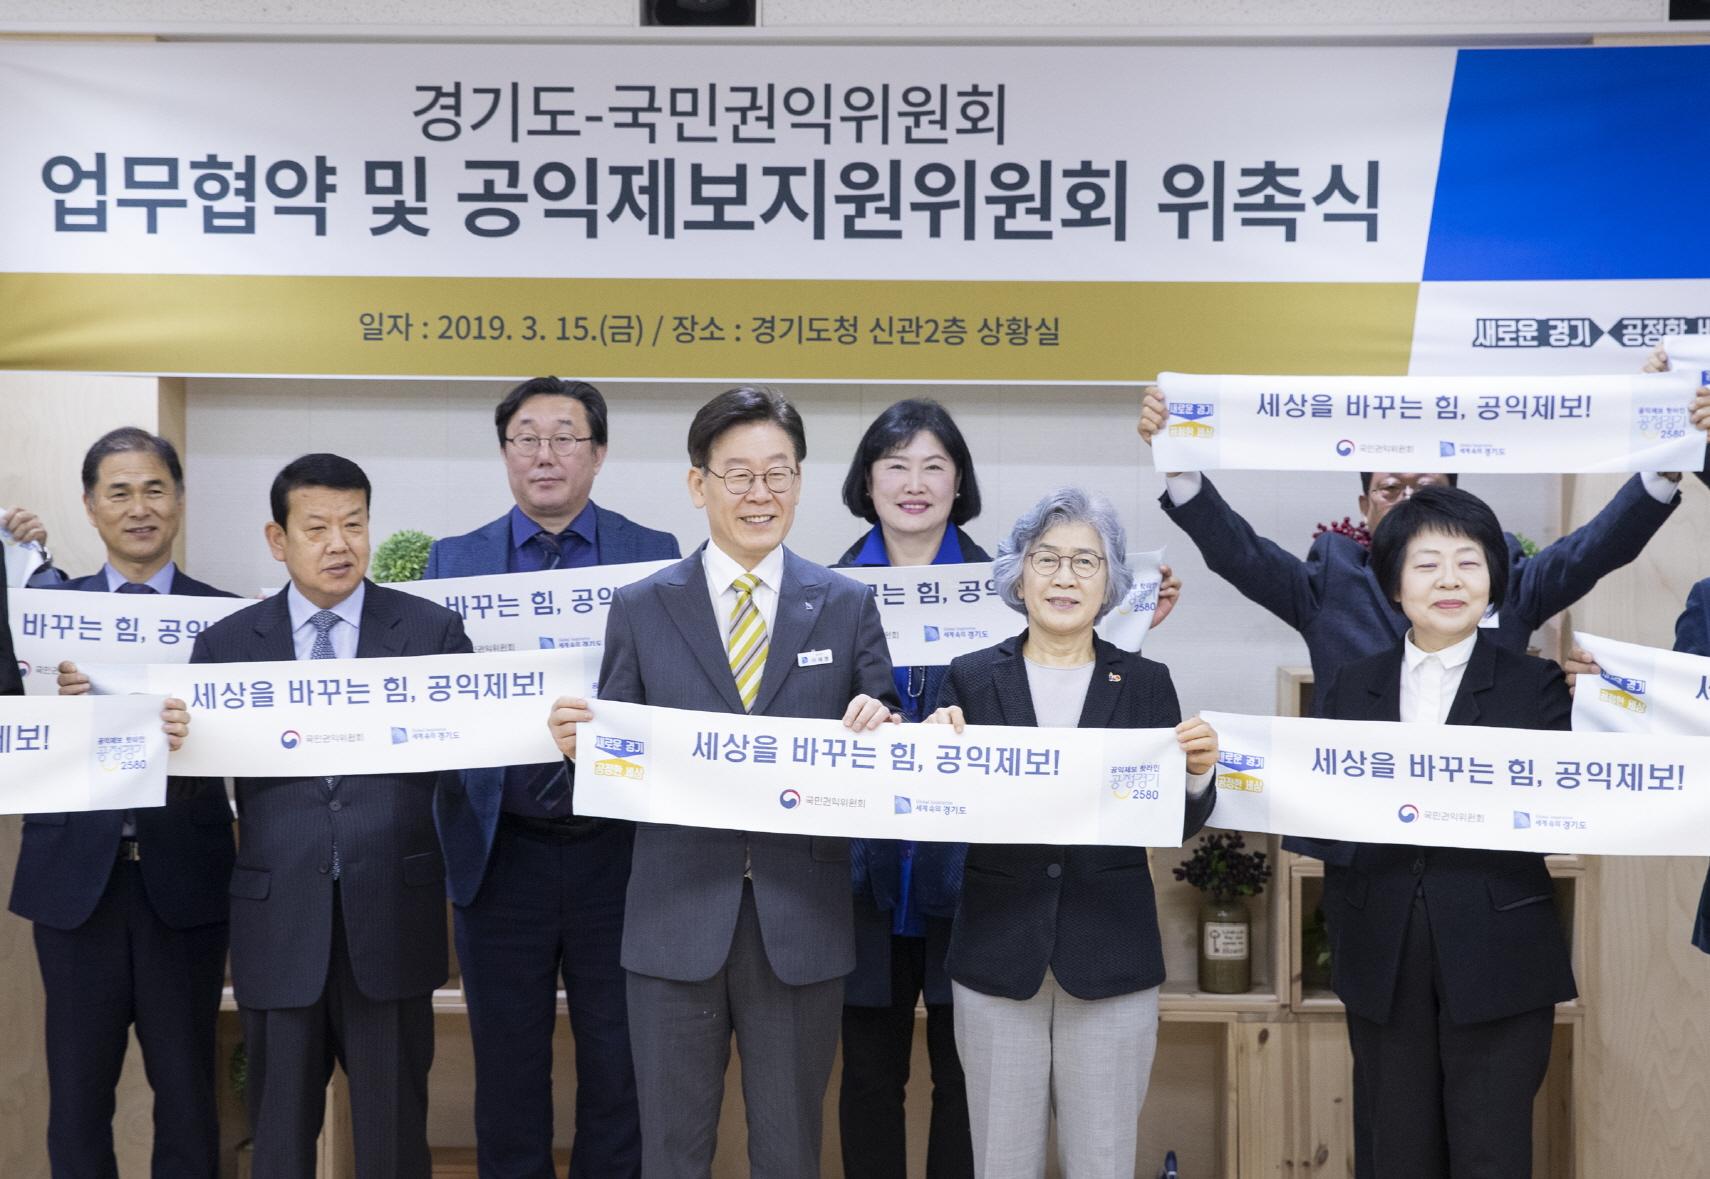 경기도는 지난 2019년 3월 전국 최초로 국민권익위원회와 공익제보 활성화 및 제보자 보호강화를 위한 업무협약을 체결했다.